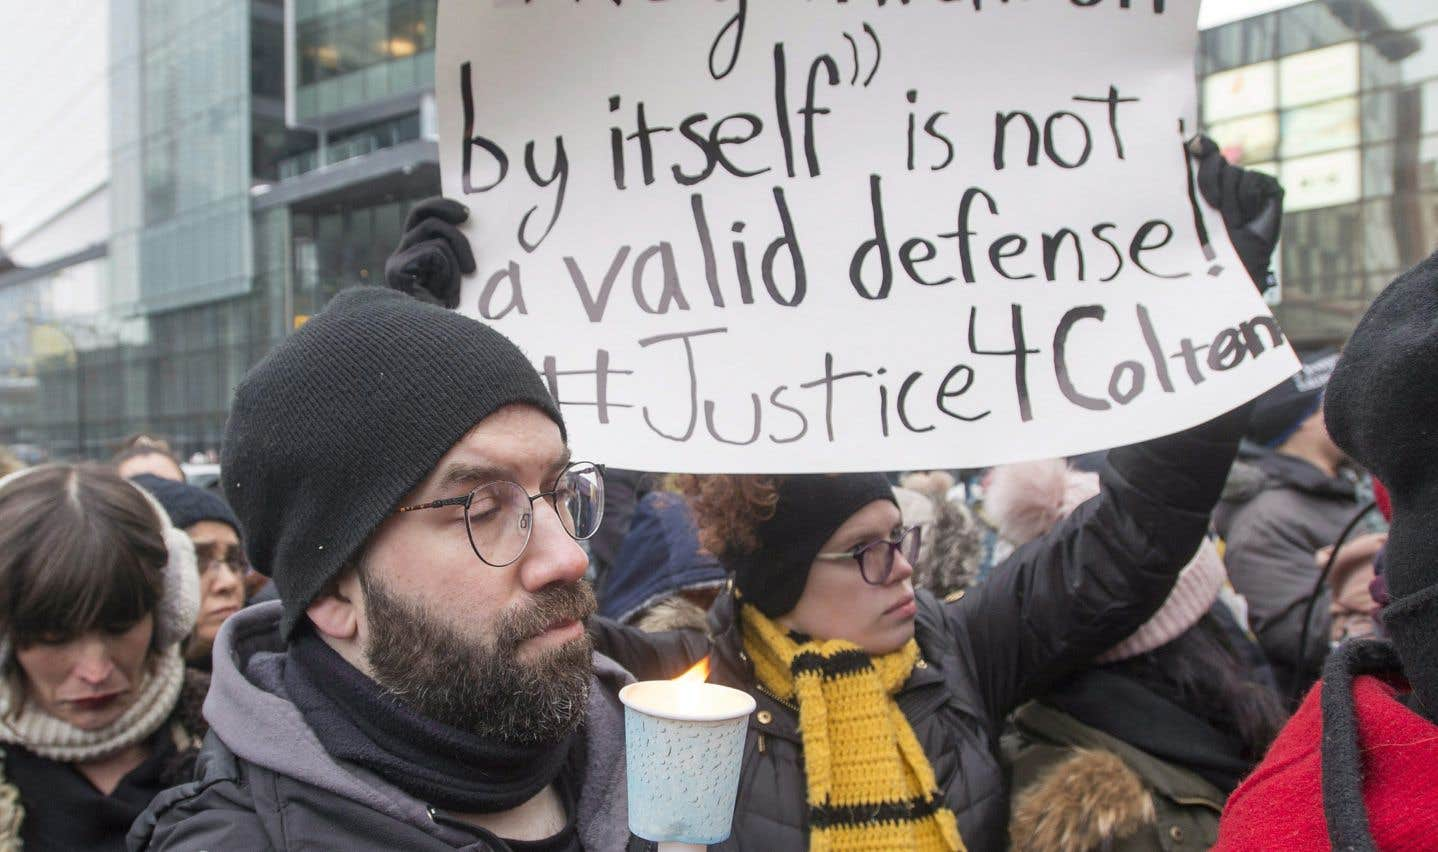 """À Montréal, mardi, une veillée a été organisée en hommage à Colten Boushie, jeune Cri de 22ans abattu par Gerald Stanley en 2016. «""""Le fusil s'estactionné tout seul"""" n'est pas une défense valide», peut-on lire sur la pancarte d'une manifestante, en référence à l'argumentaire du fermier blanc, qui a été acquitté cette semaine."""